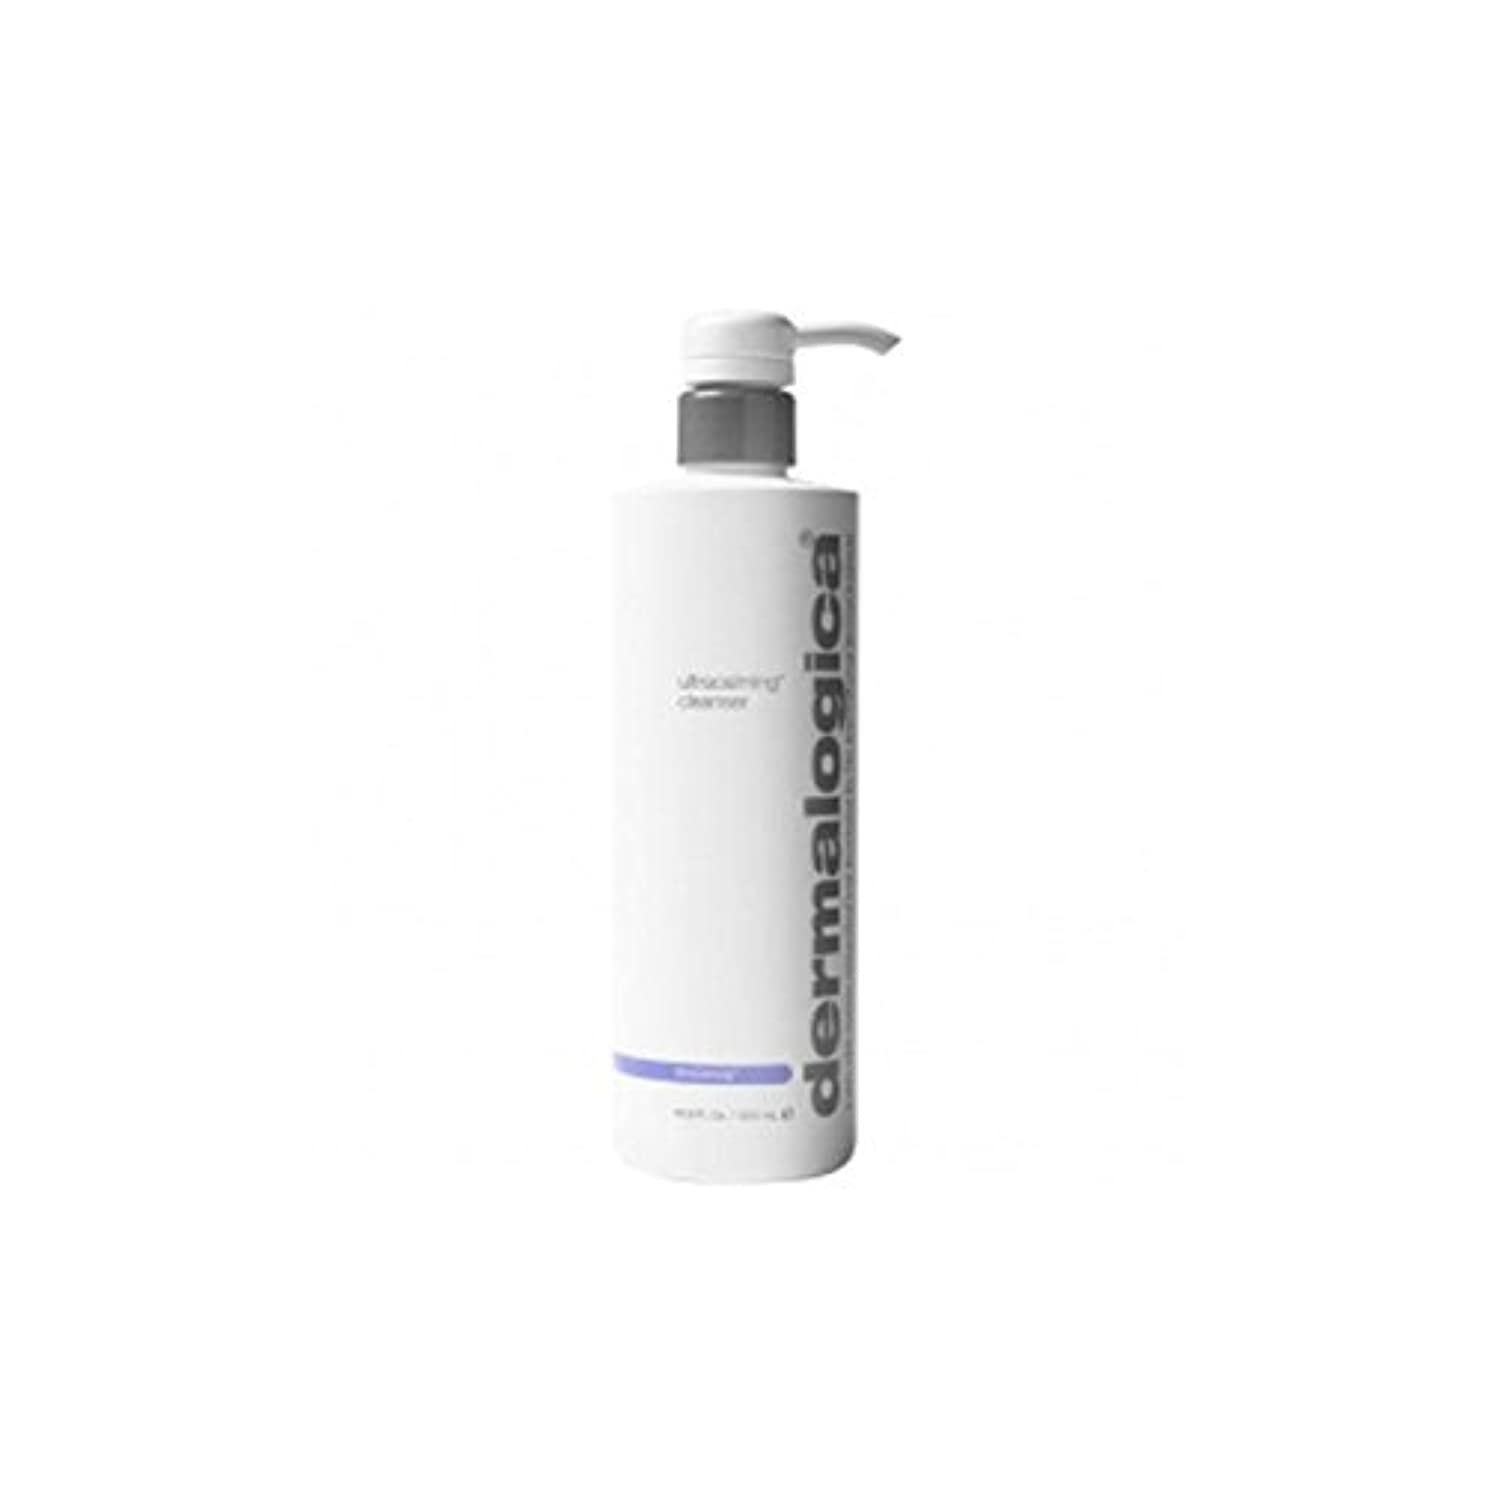 先見の明狂乱大惨事Dermalogica Ultracalming Cleanser (500ml) (Pack of 6) - ダーマロジカクレンザー(500ミリリットル) x6 [並行輸入品]